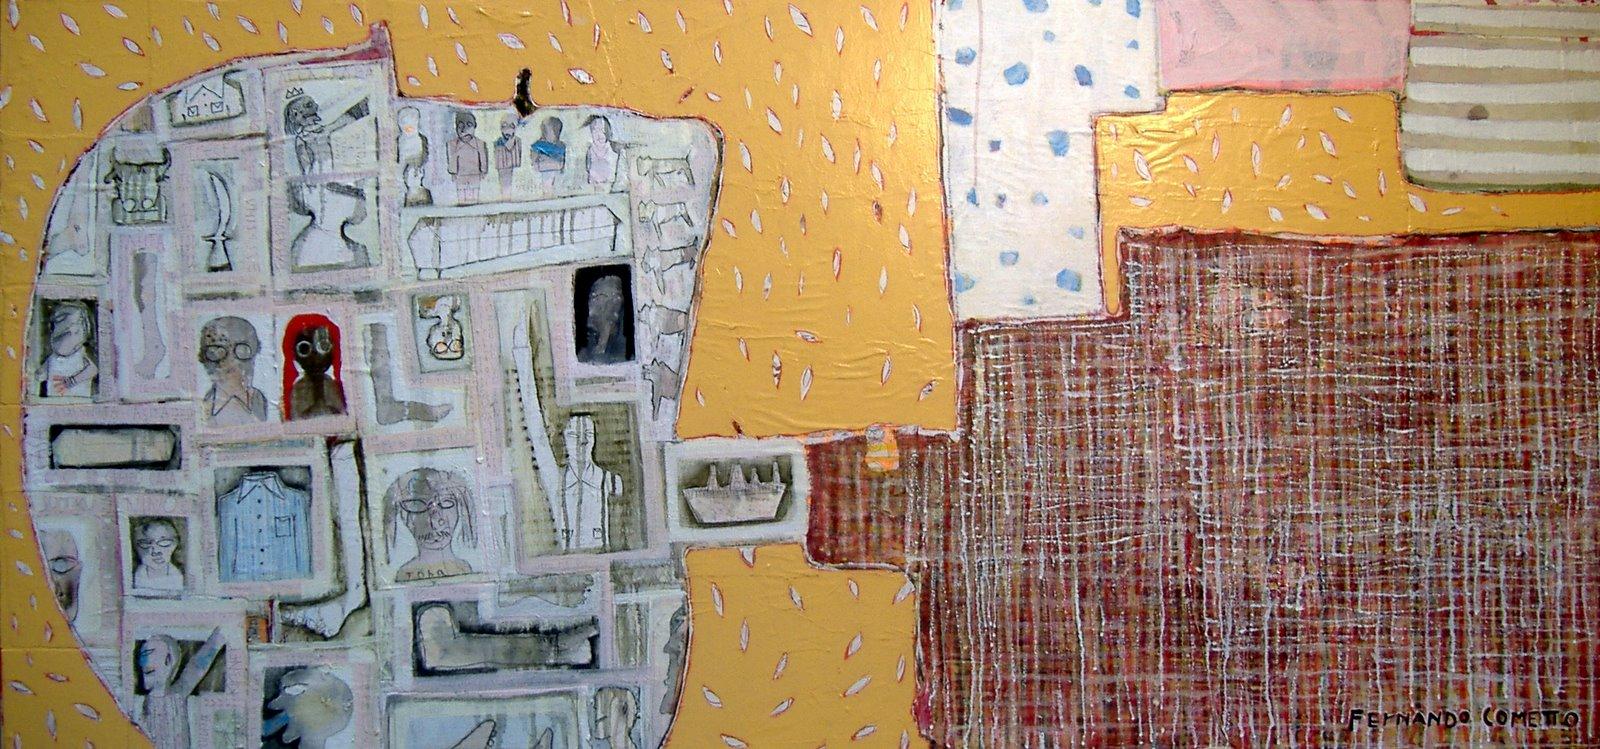 tableaux de fernando cometto amaneciendo 192x91 collage papier et toile huile s bois. Black Bedroom Furniture Sets. Home Design Ideas